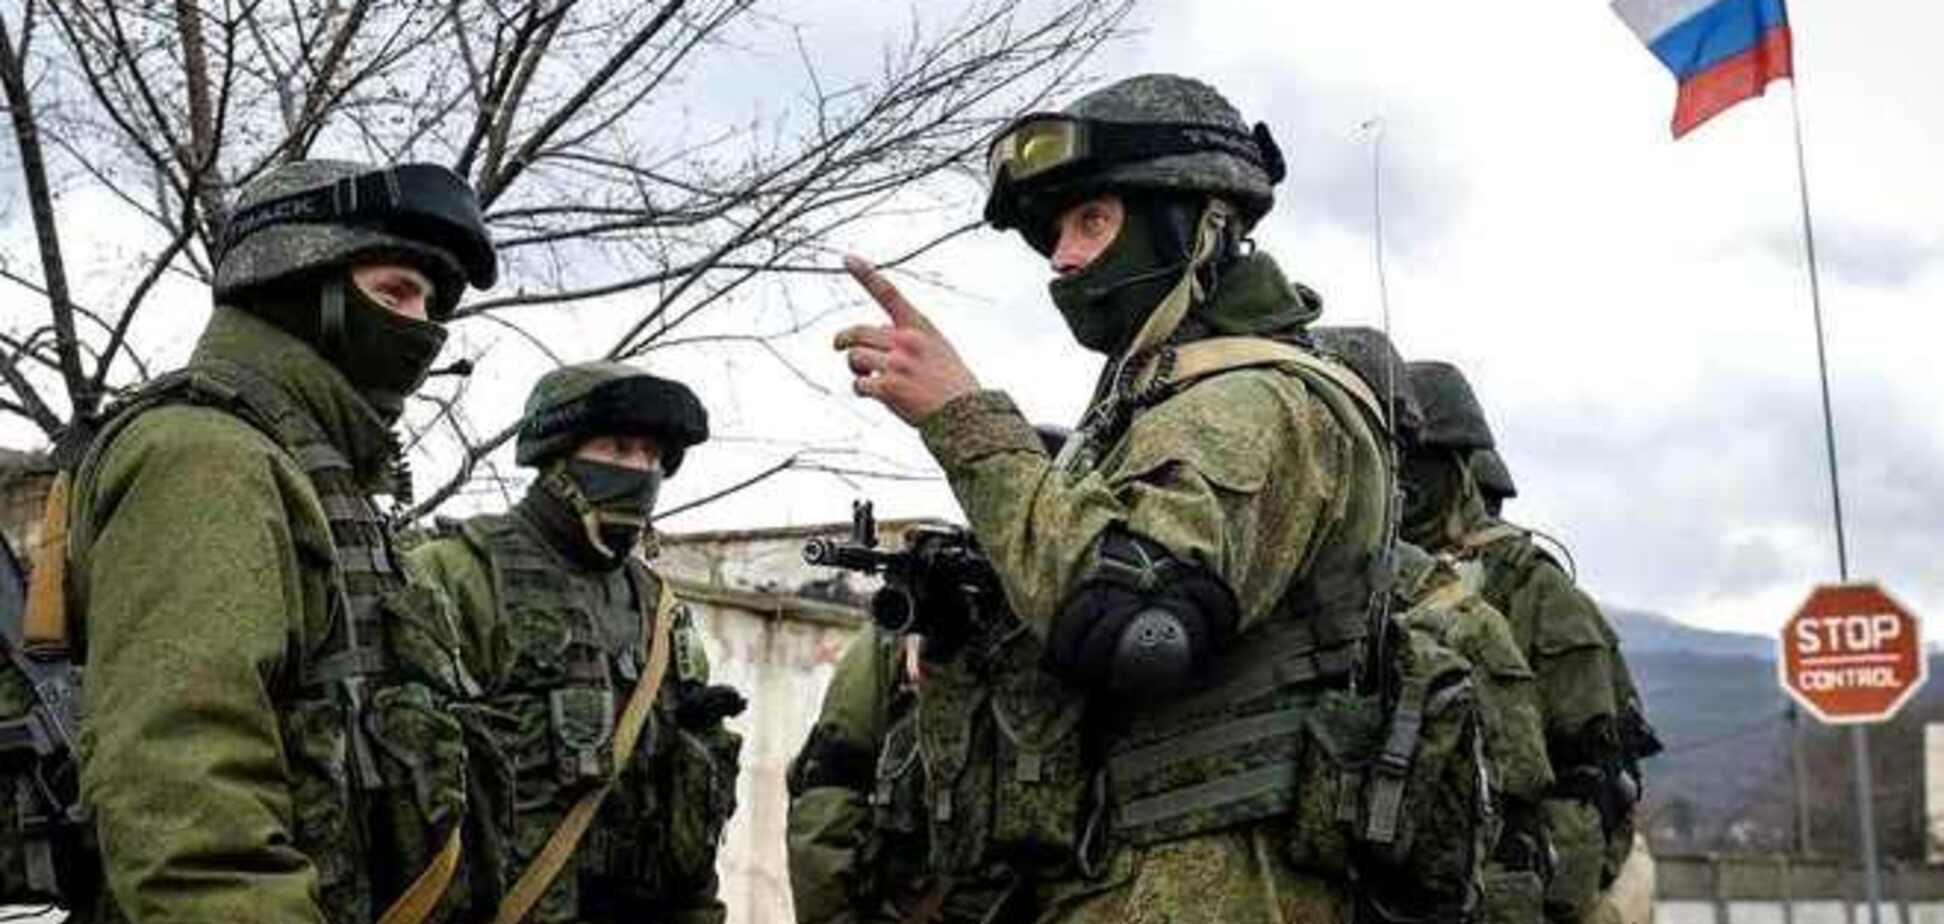 В Луганске пьяные российские солдаты проболтались о приказах из Москвы - FT